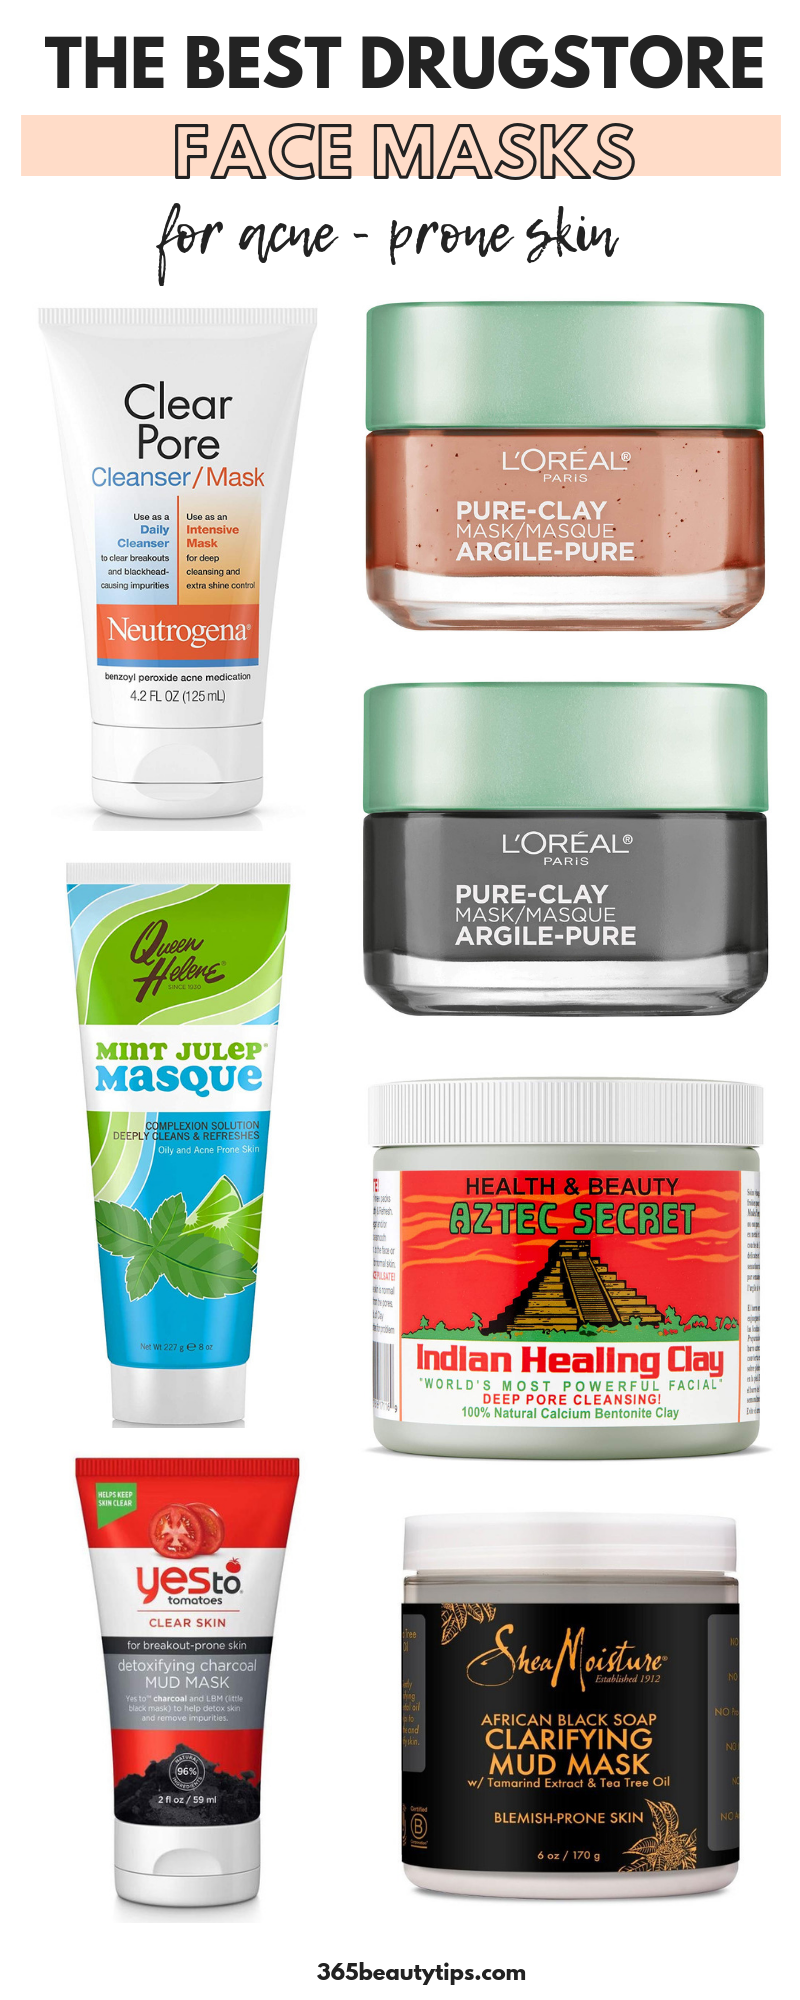 Best Drugstore Masks for Acne - Prone Skin - 365BeautyTips